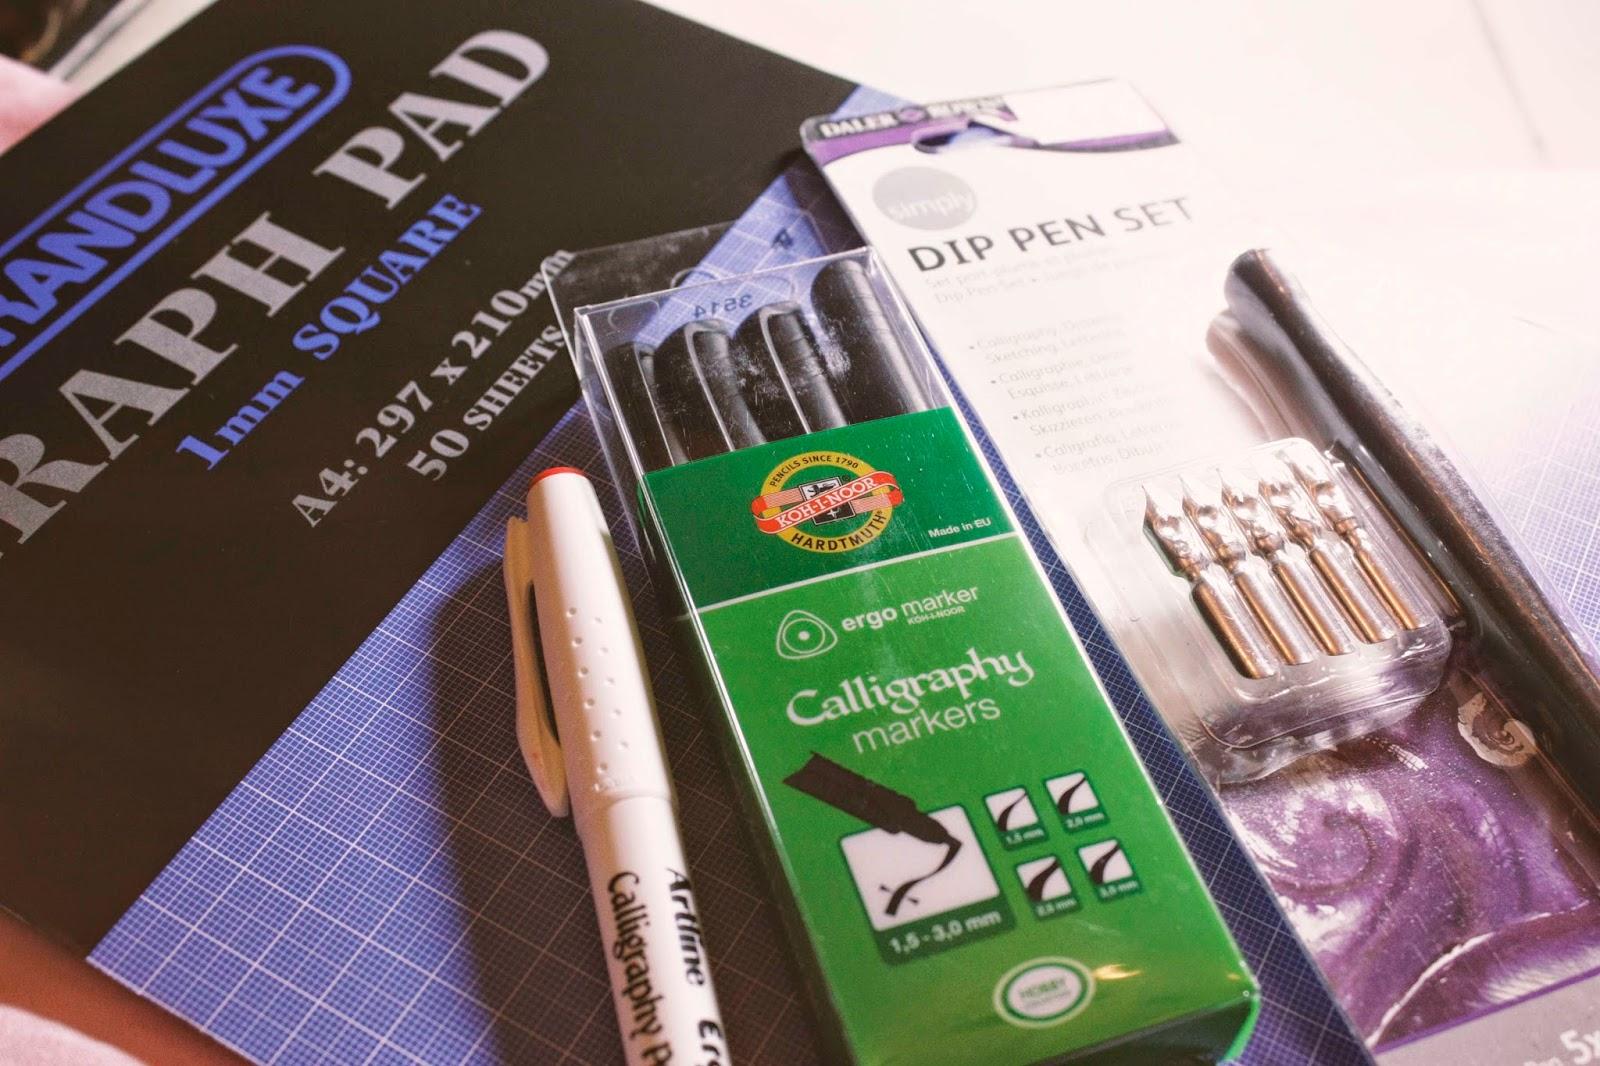 Calligraphy Materials Dubai